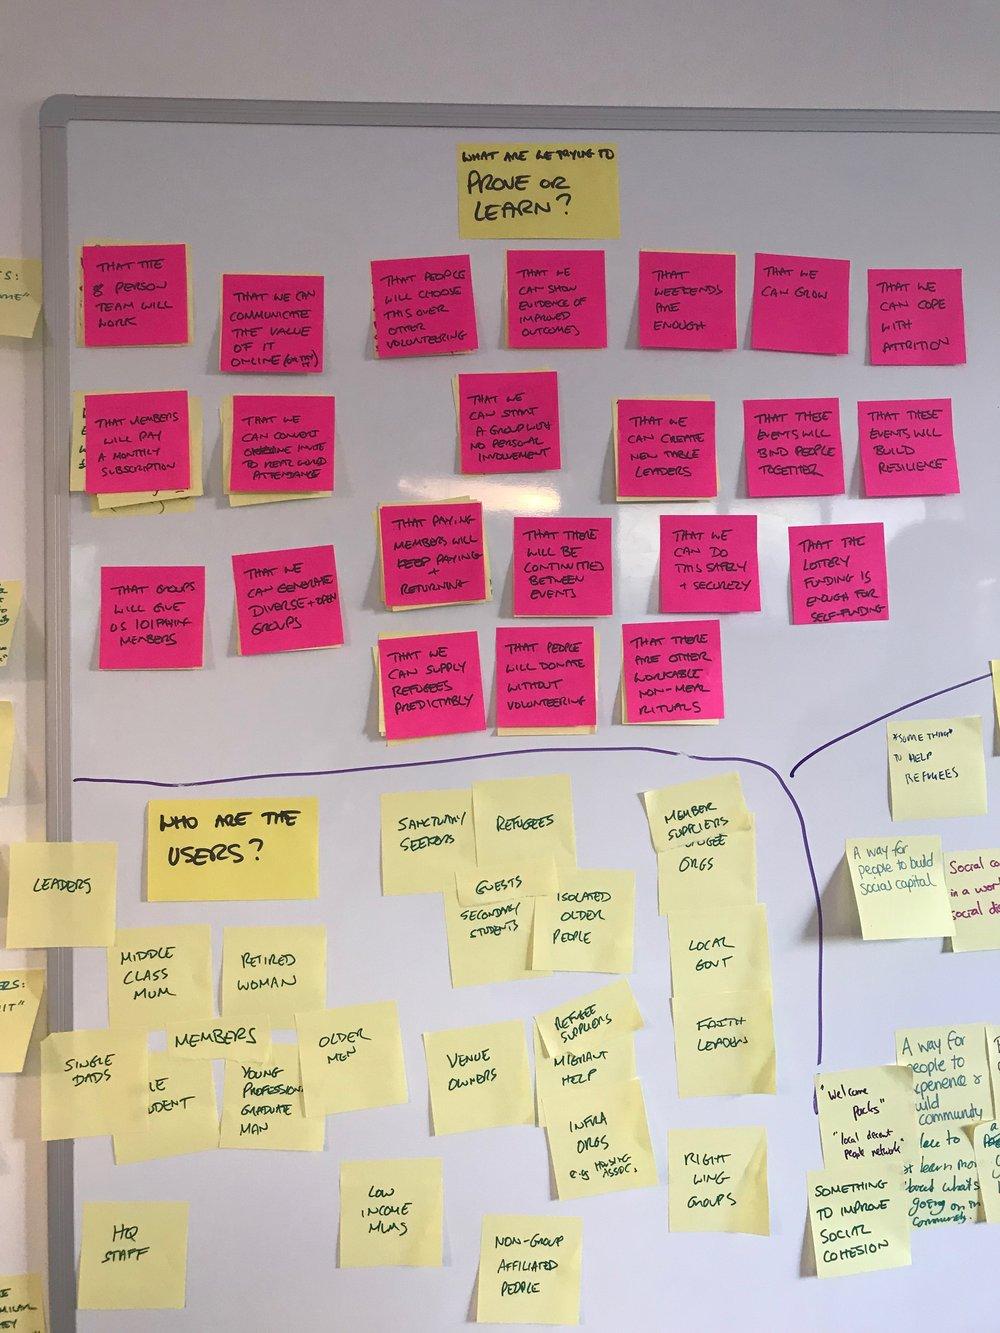 Roadmap - prove or learn 1.JPG